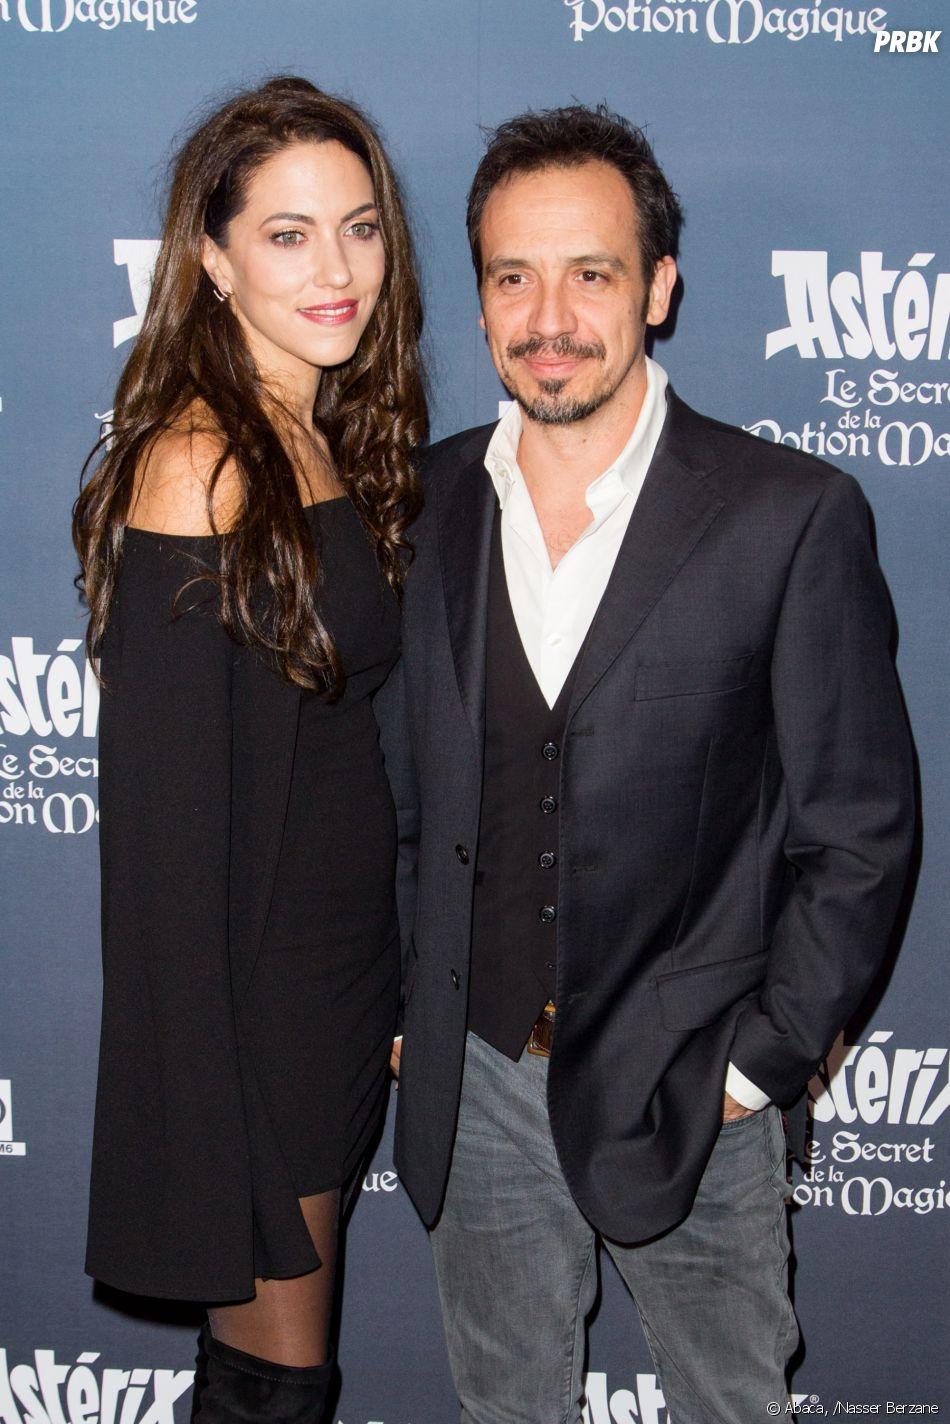 Alexandre Astier papa pour la septième fois : c'est son deuxième bébé avec sa compagne Luna Karys